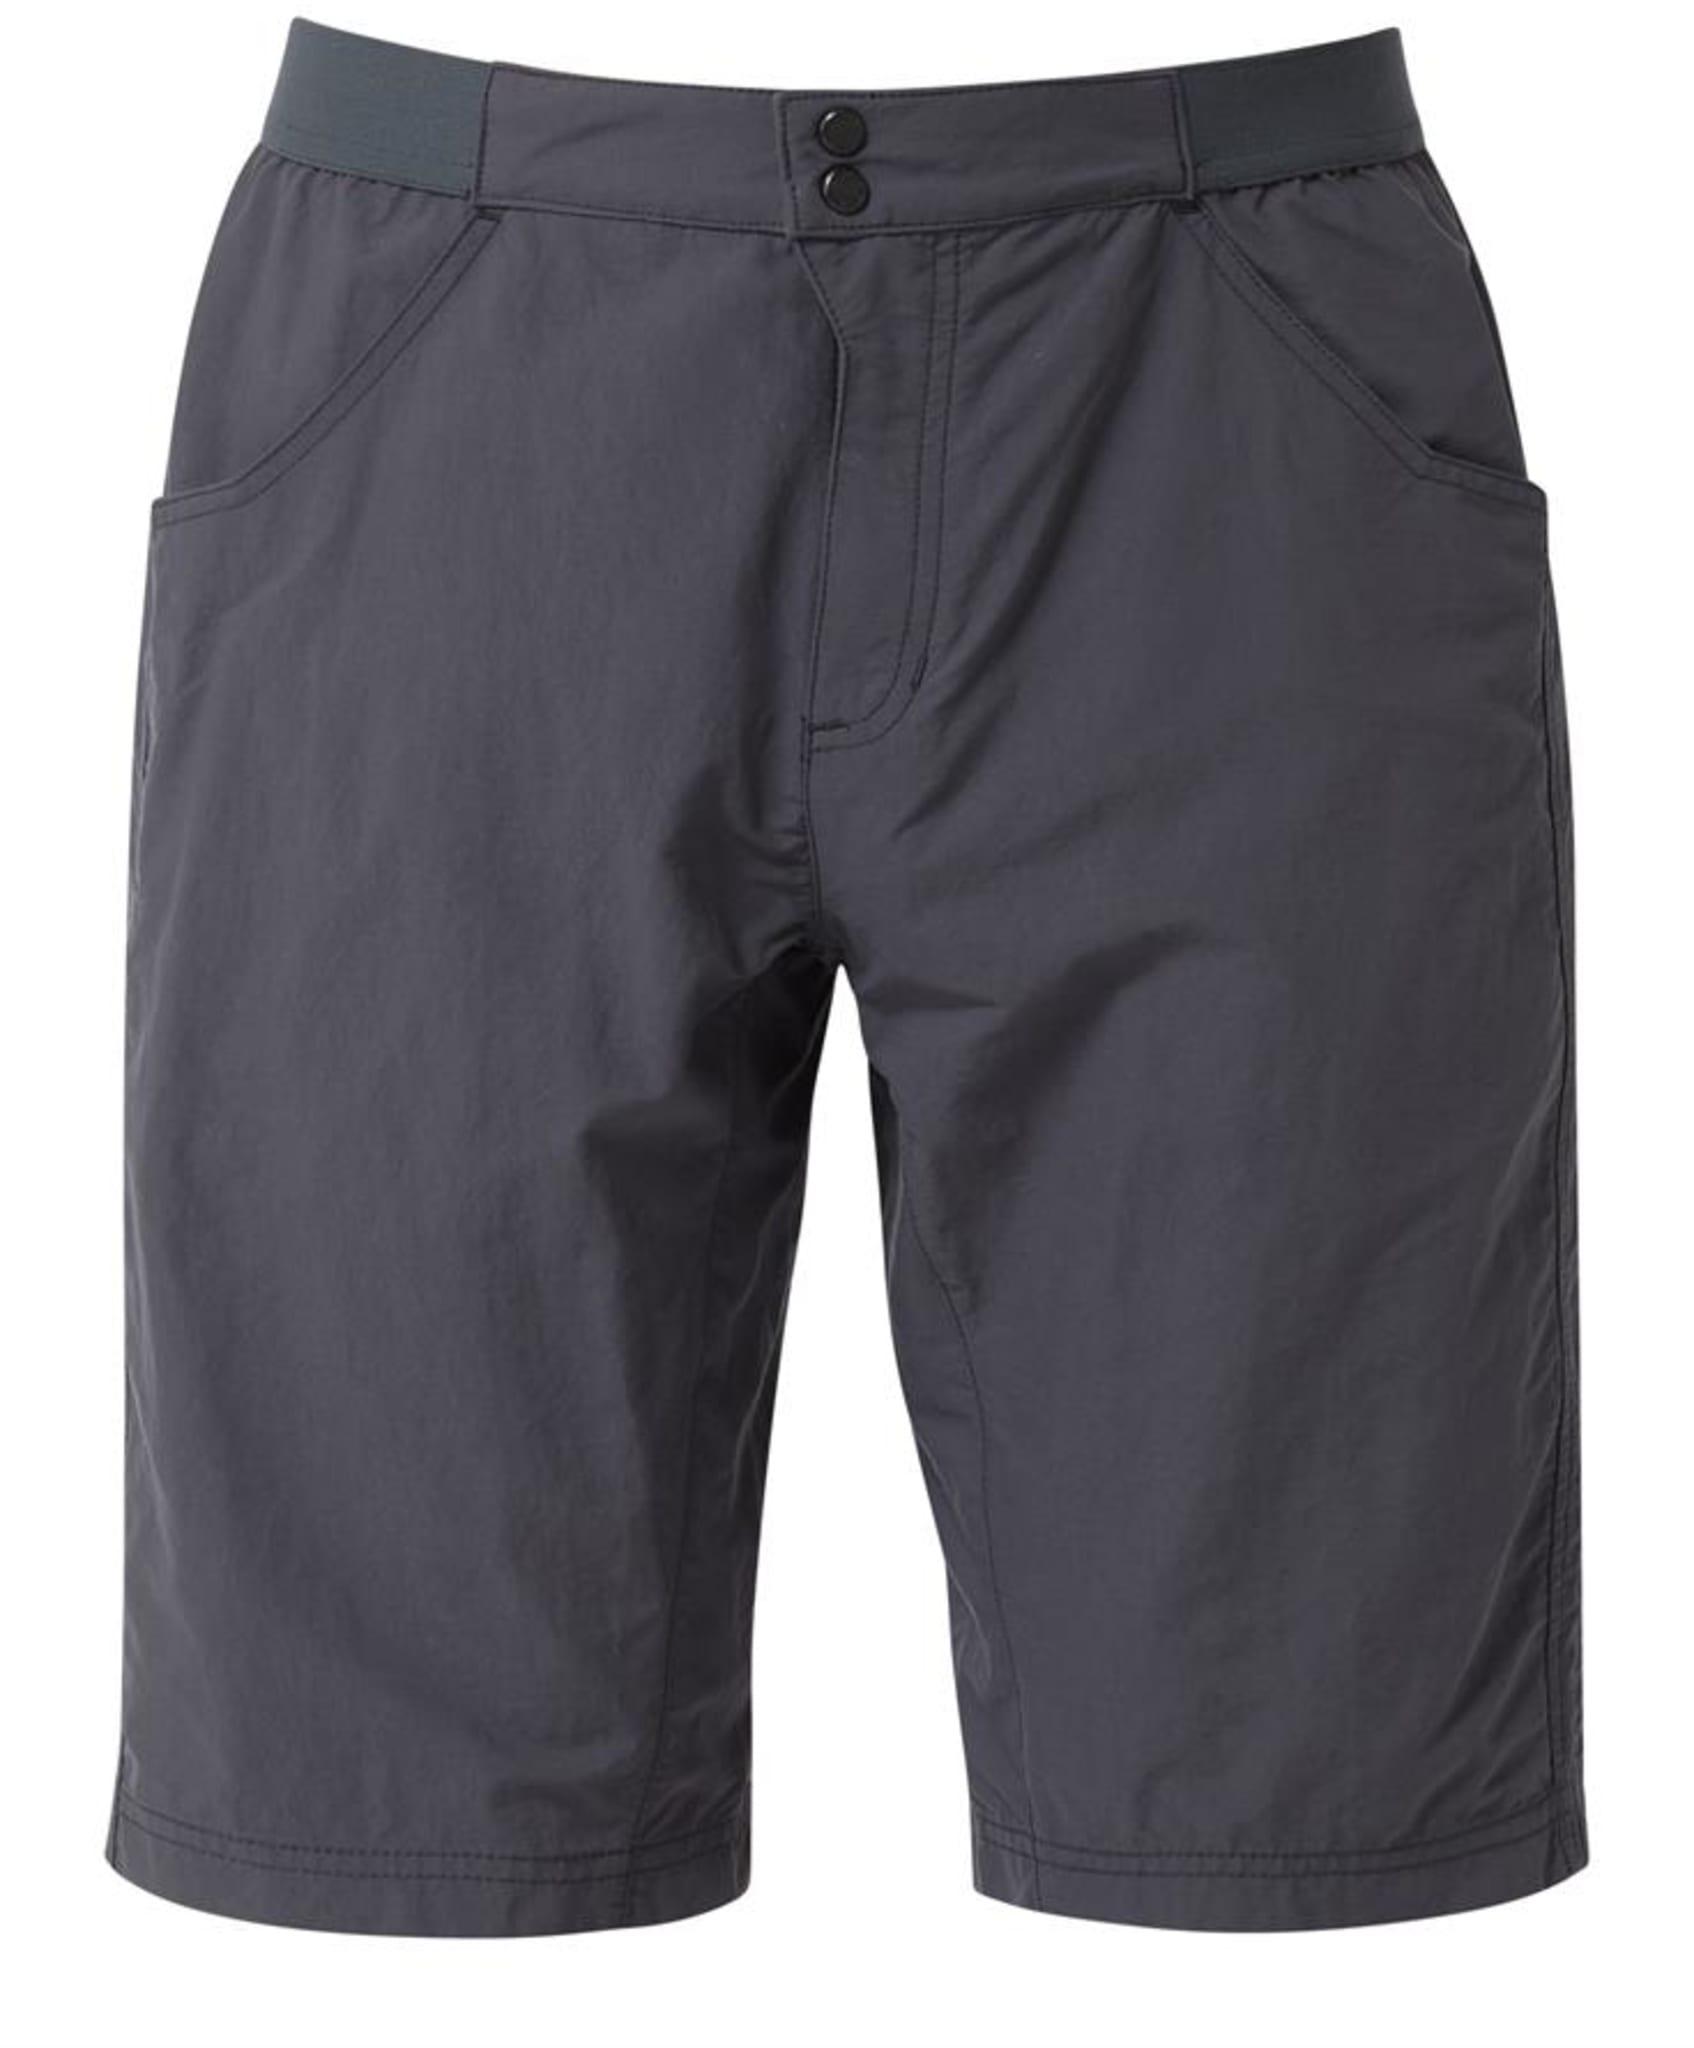 Anvendelig og hurtigtørkende shorts for alle typer sommerklatring